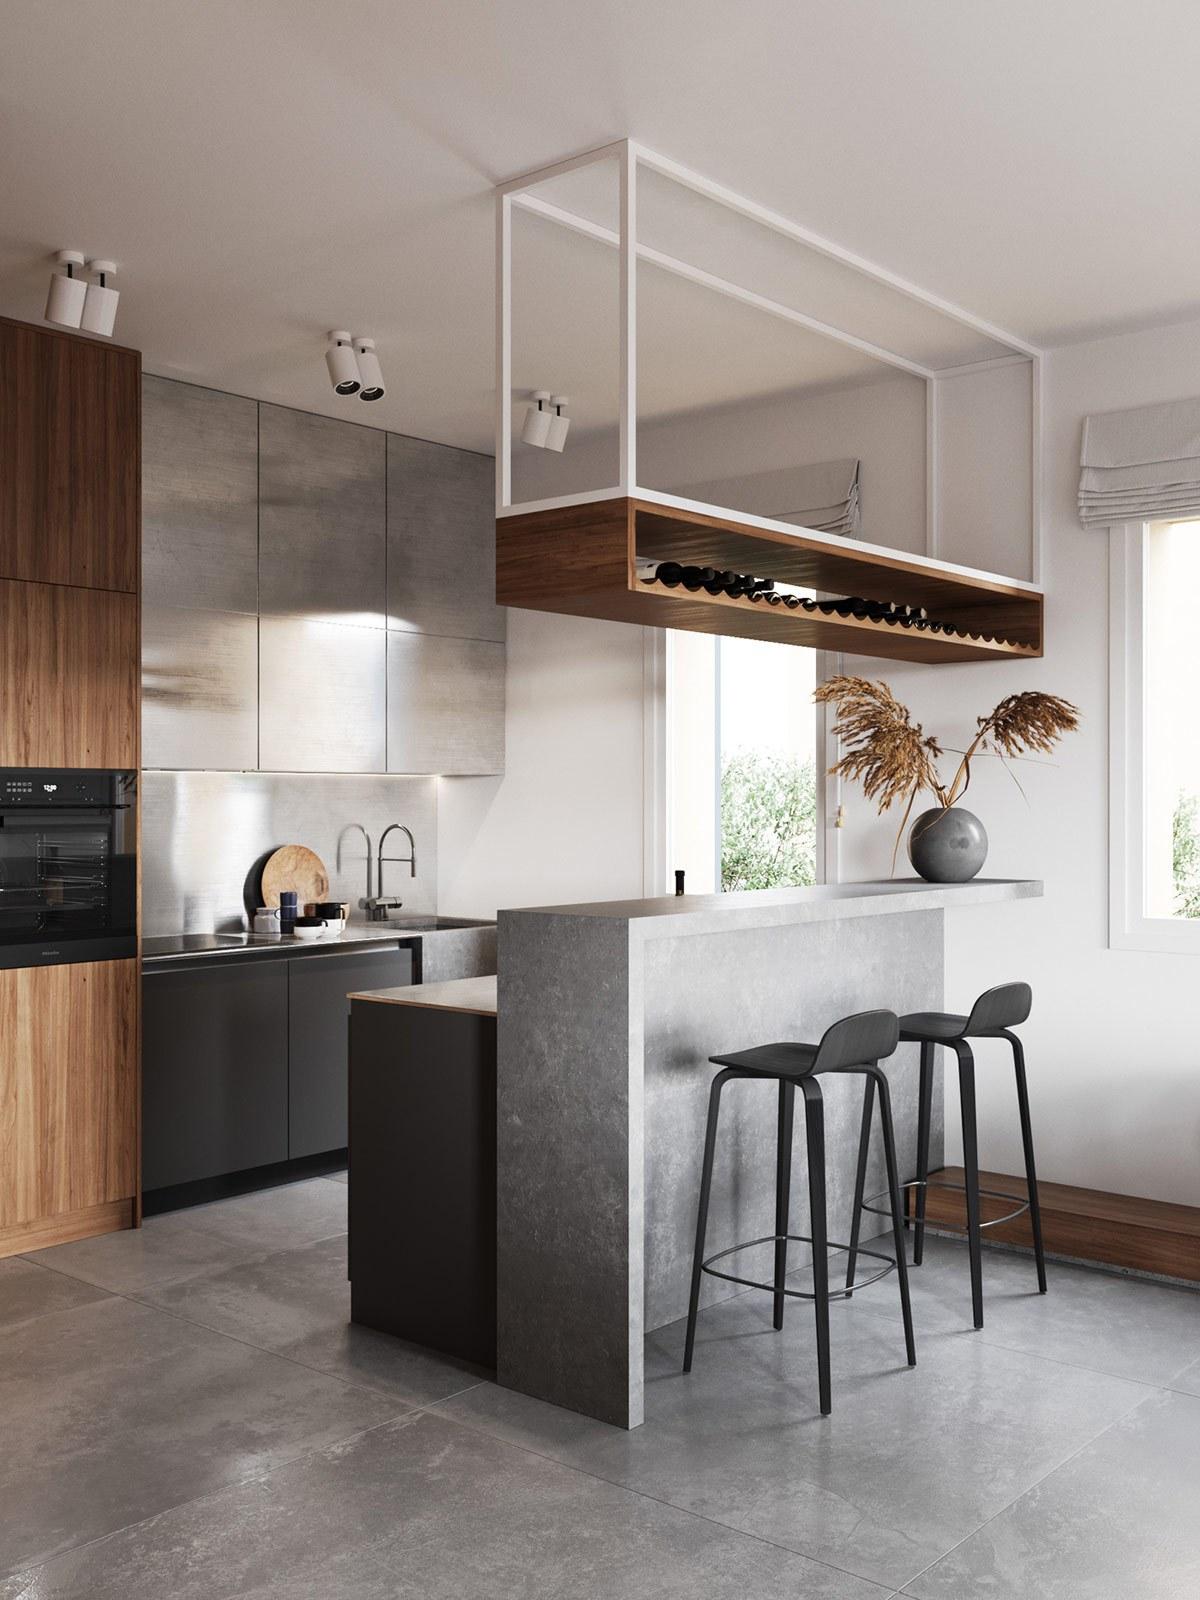 Thiết kế nội thất chung cư phòng khách liền bếp phong cách tối giản